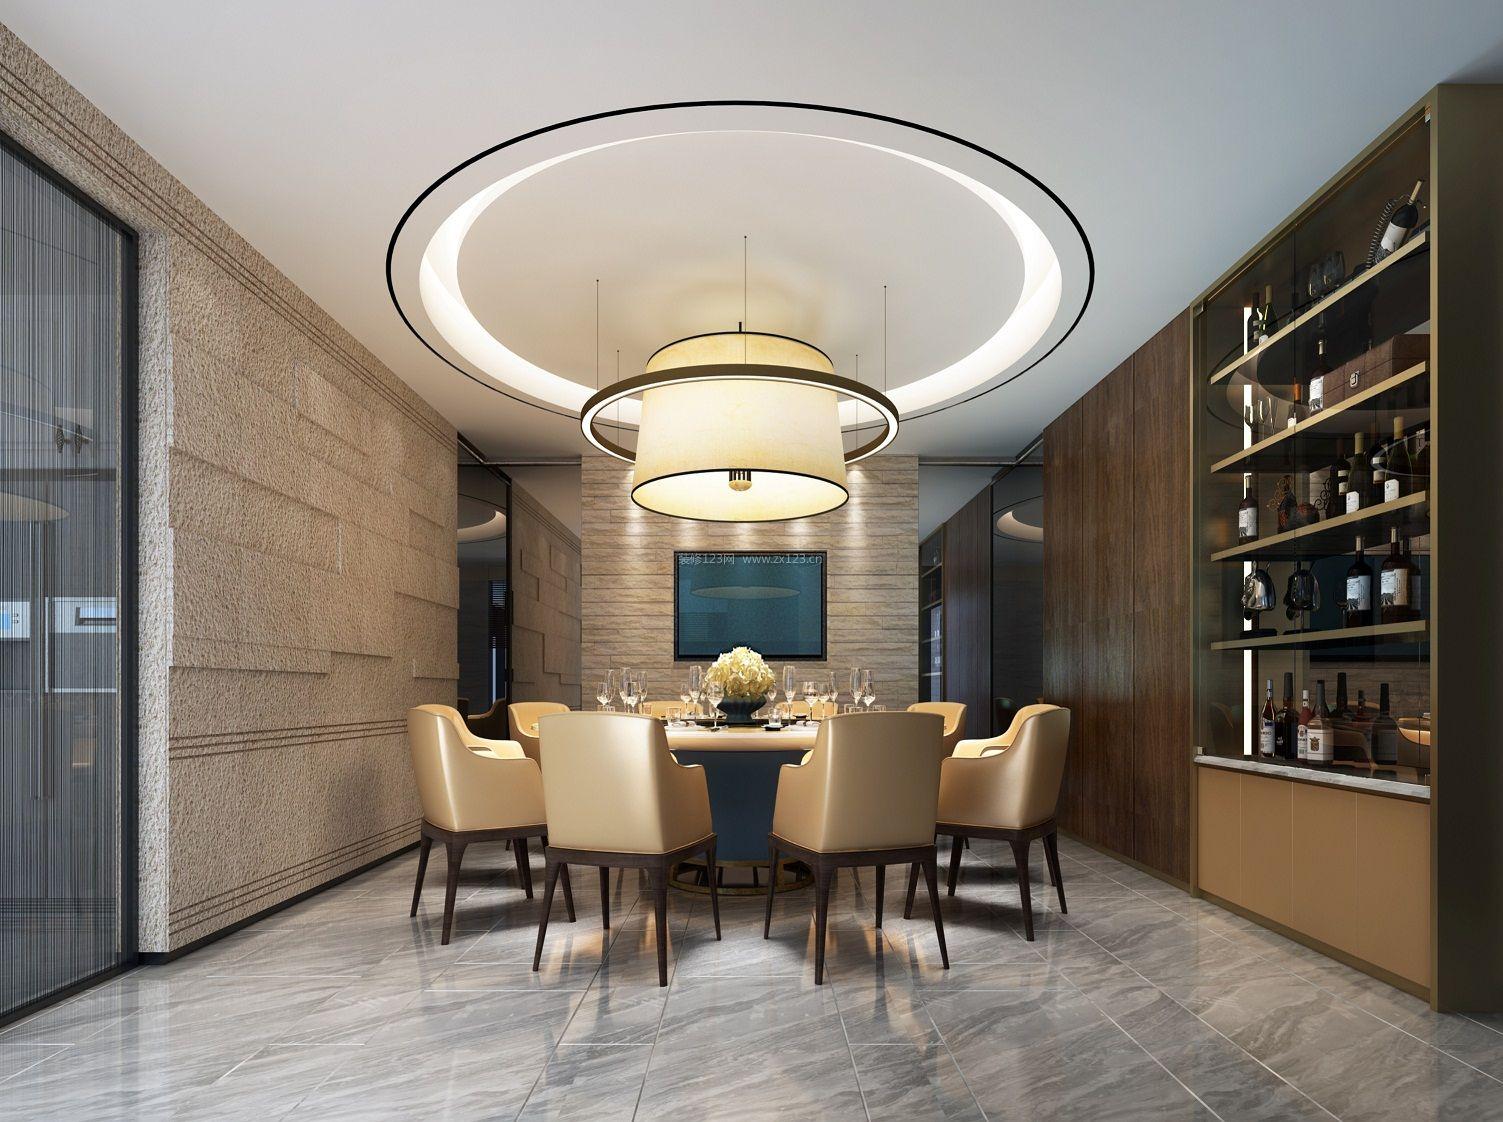 2018现代别墅餐厅圆形吊顶装饰装修效果图